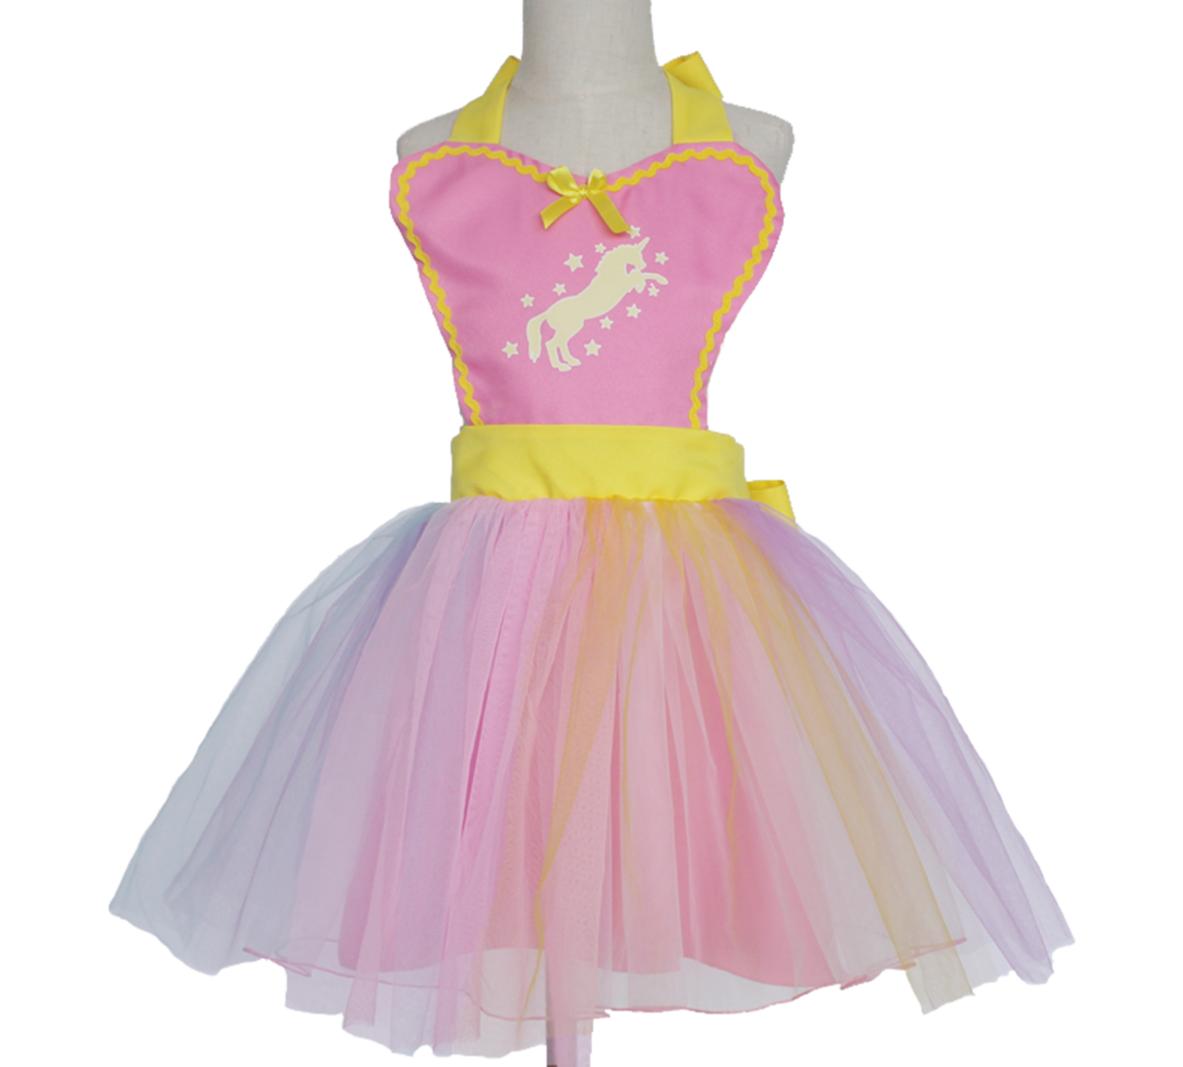 Unicorn Tutu Apron Dress - Pink